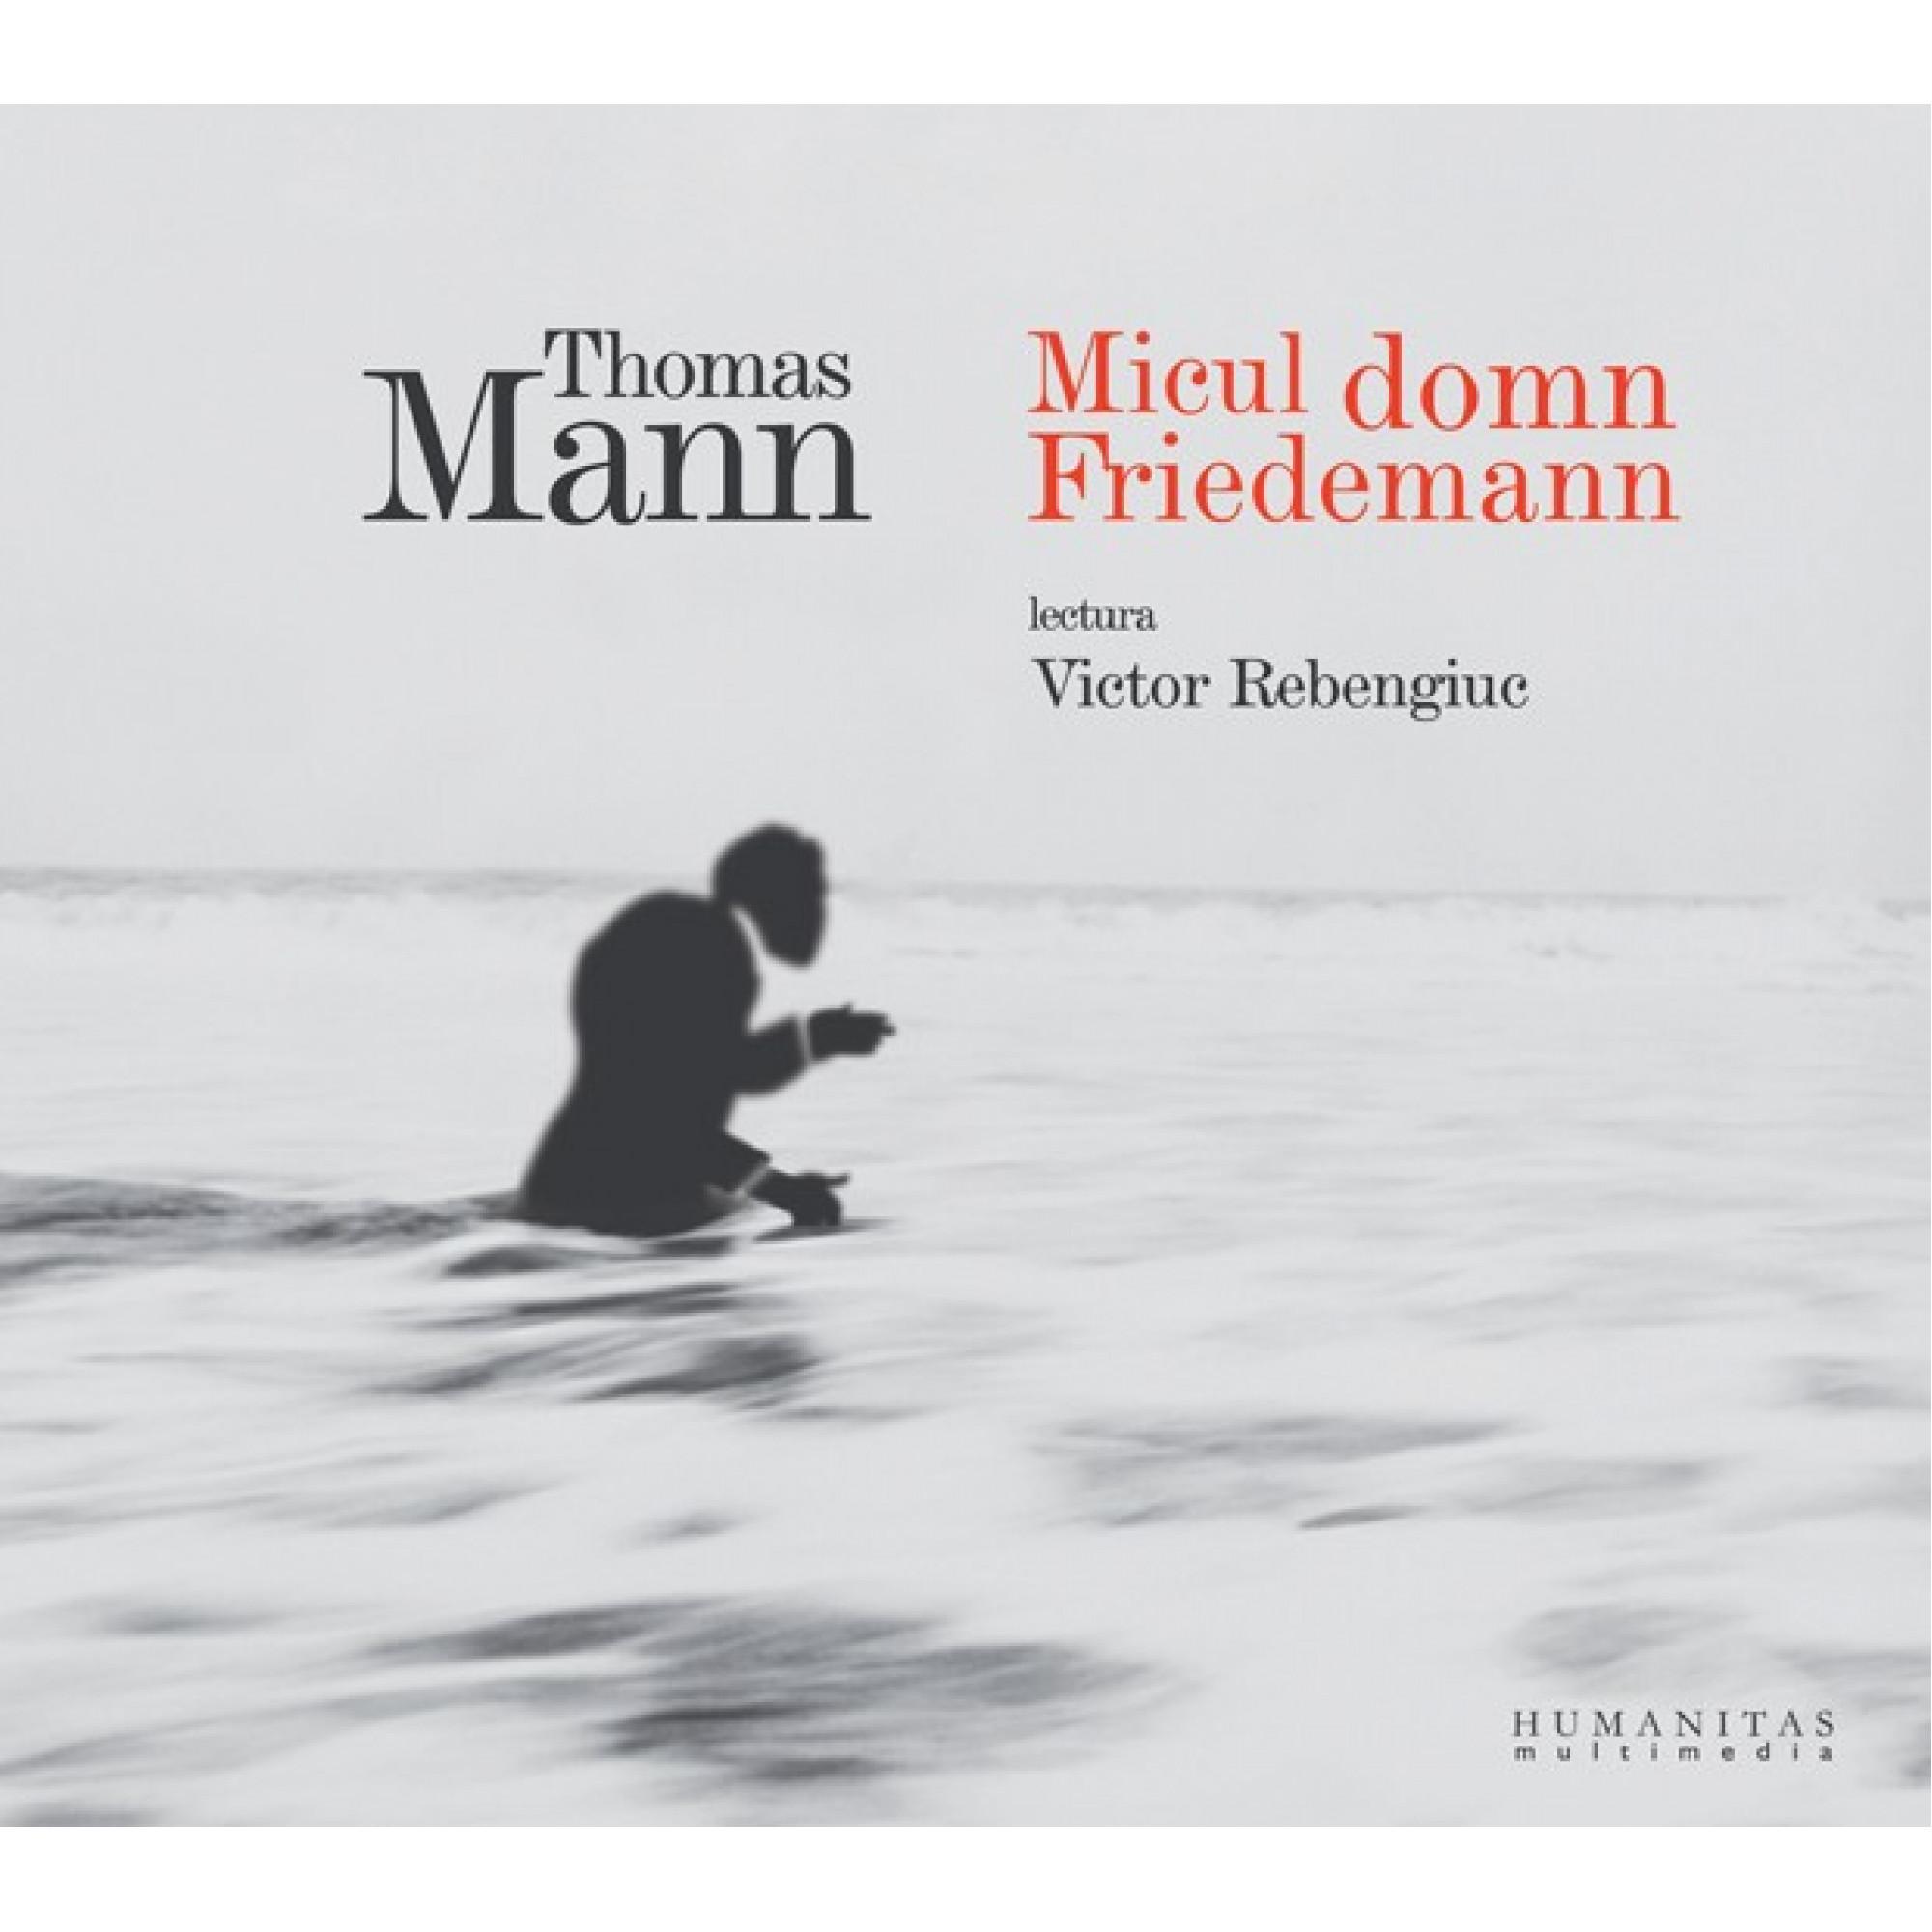 Micul domn Friedemann; Thomas Mann